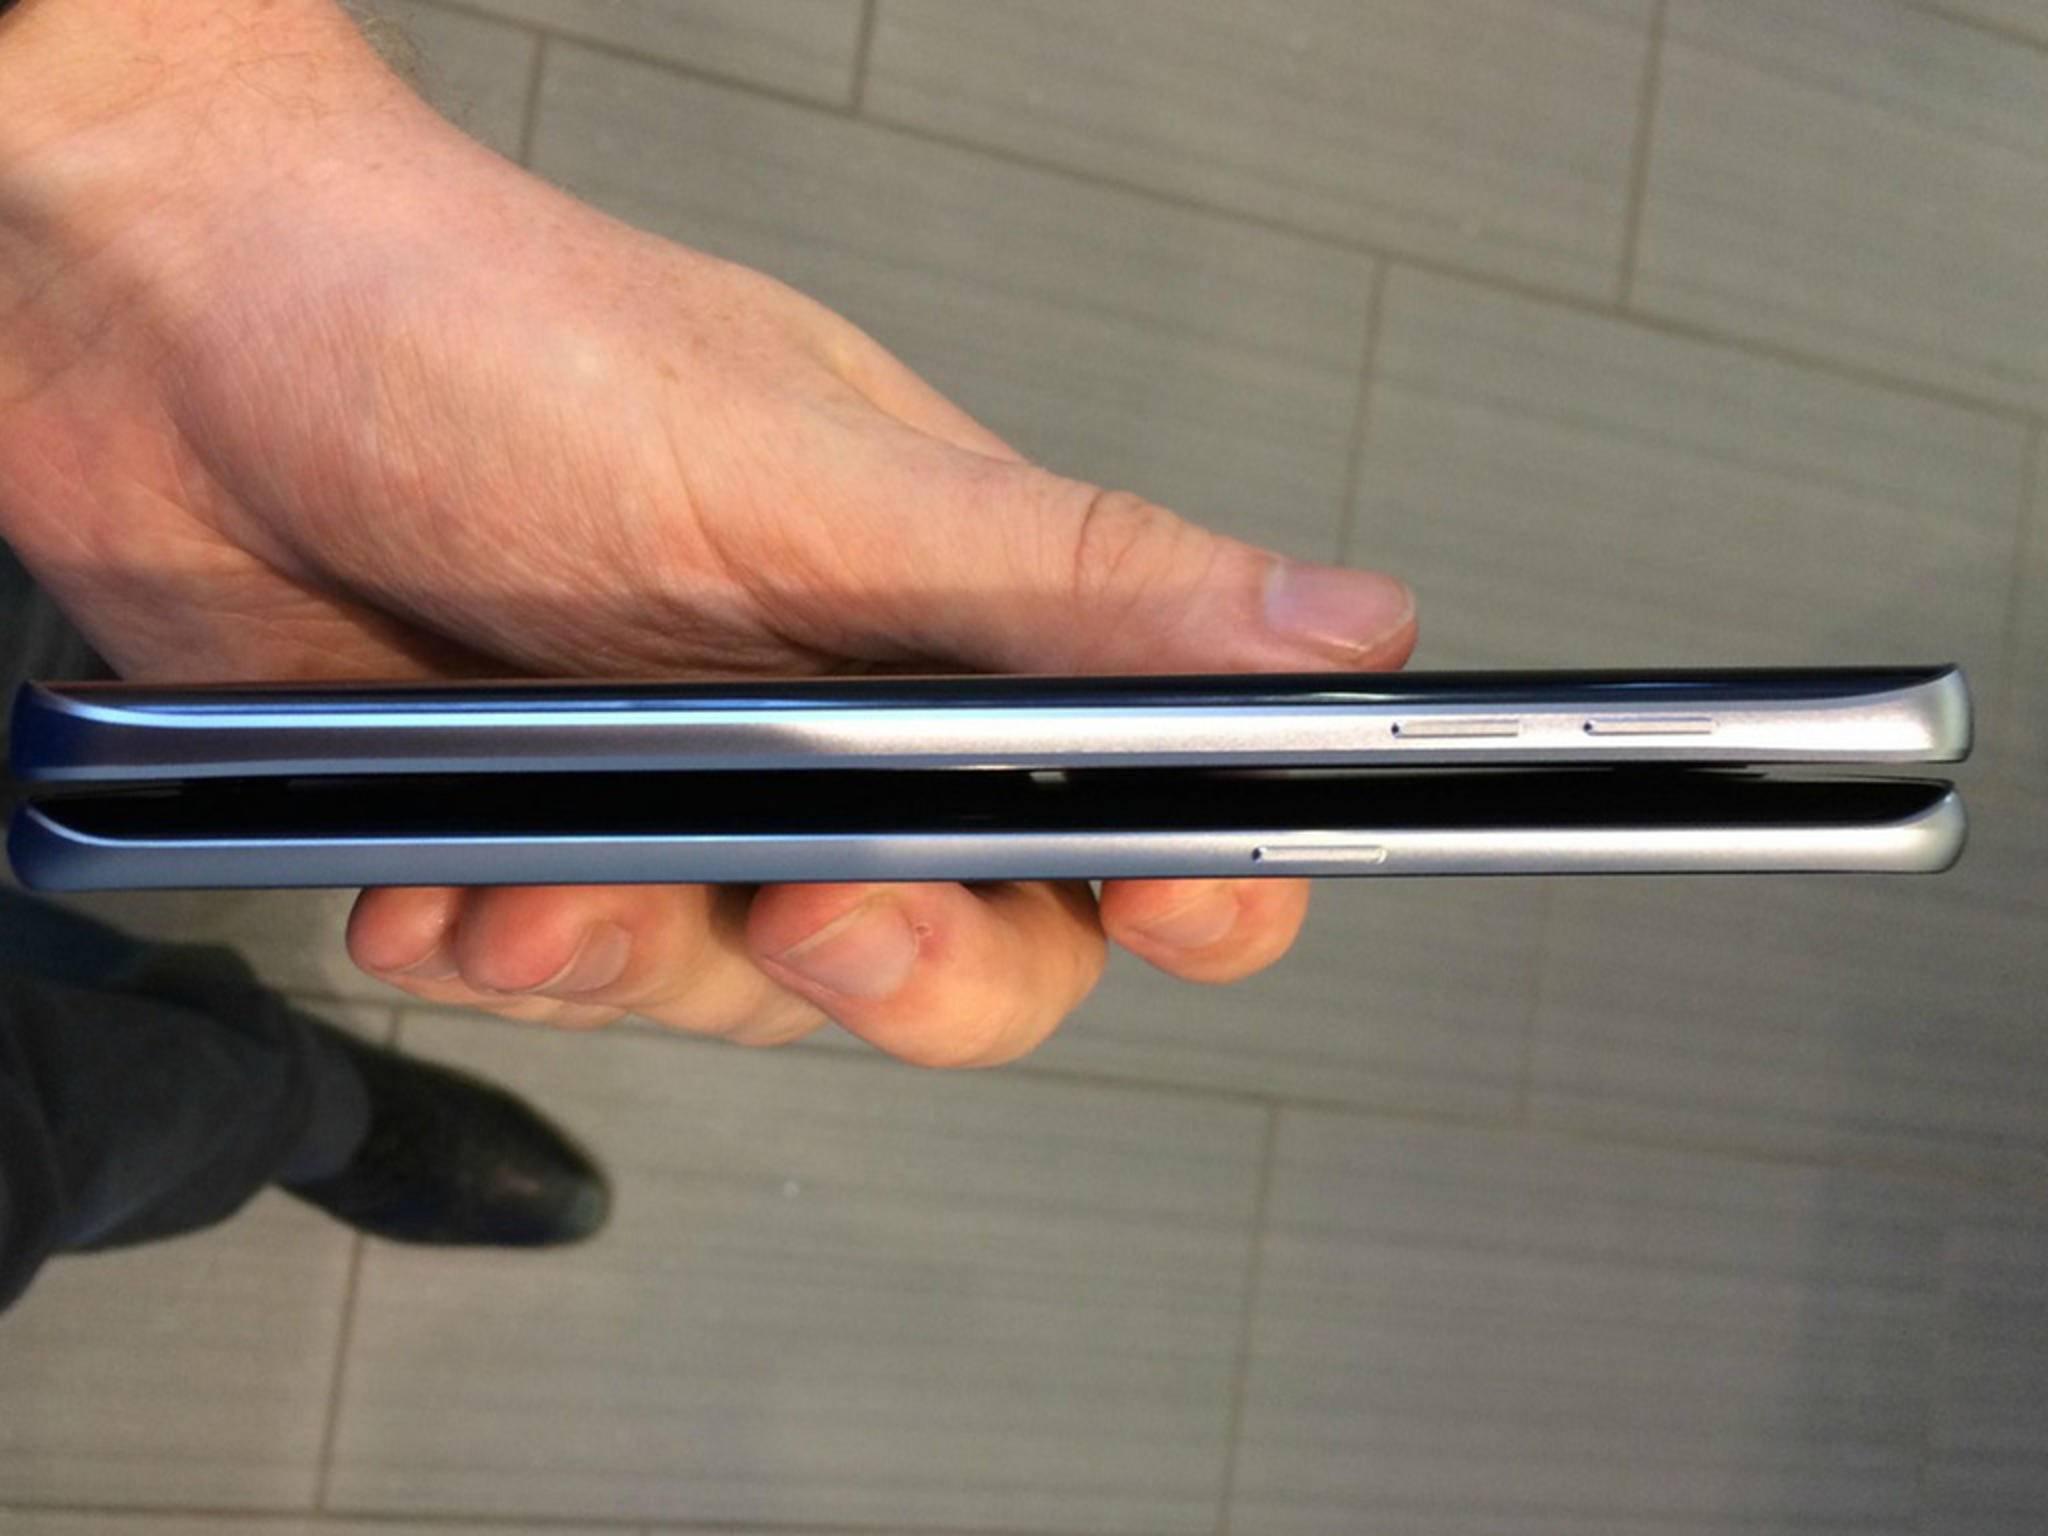 Das Galaxy Note 5 im Größenvergleich mit dem Galaxy S6 Edge+.